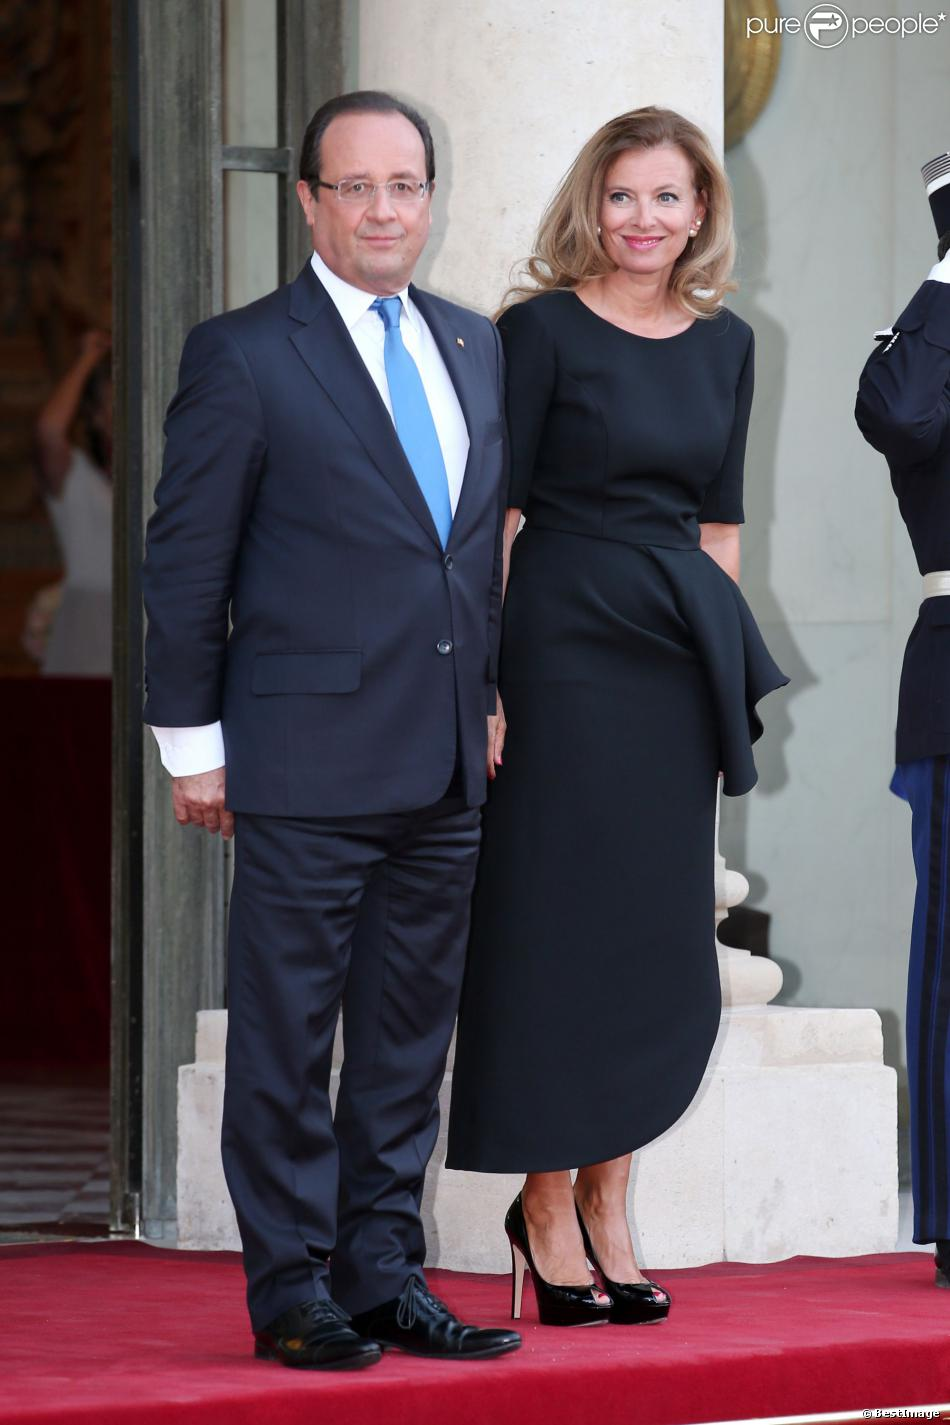 François Hollande et Valérie Trierweilerlors d'un dîiner d'Etat à l'Elysée le 3 septembre 2013.